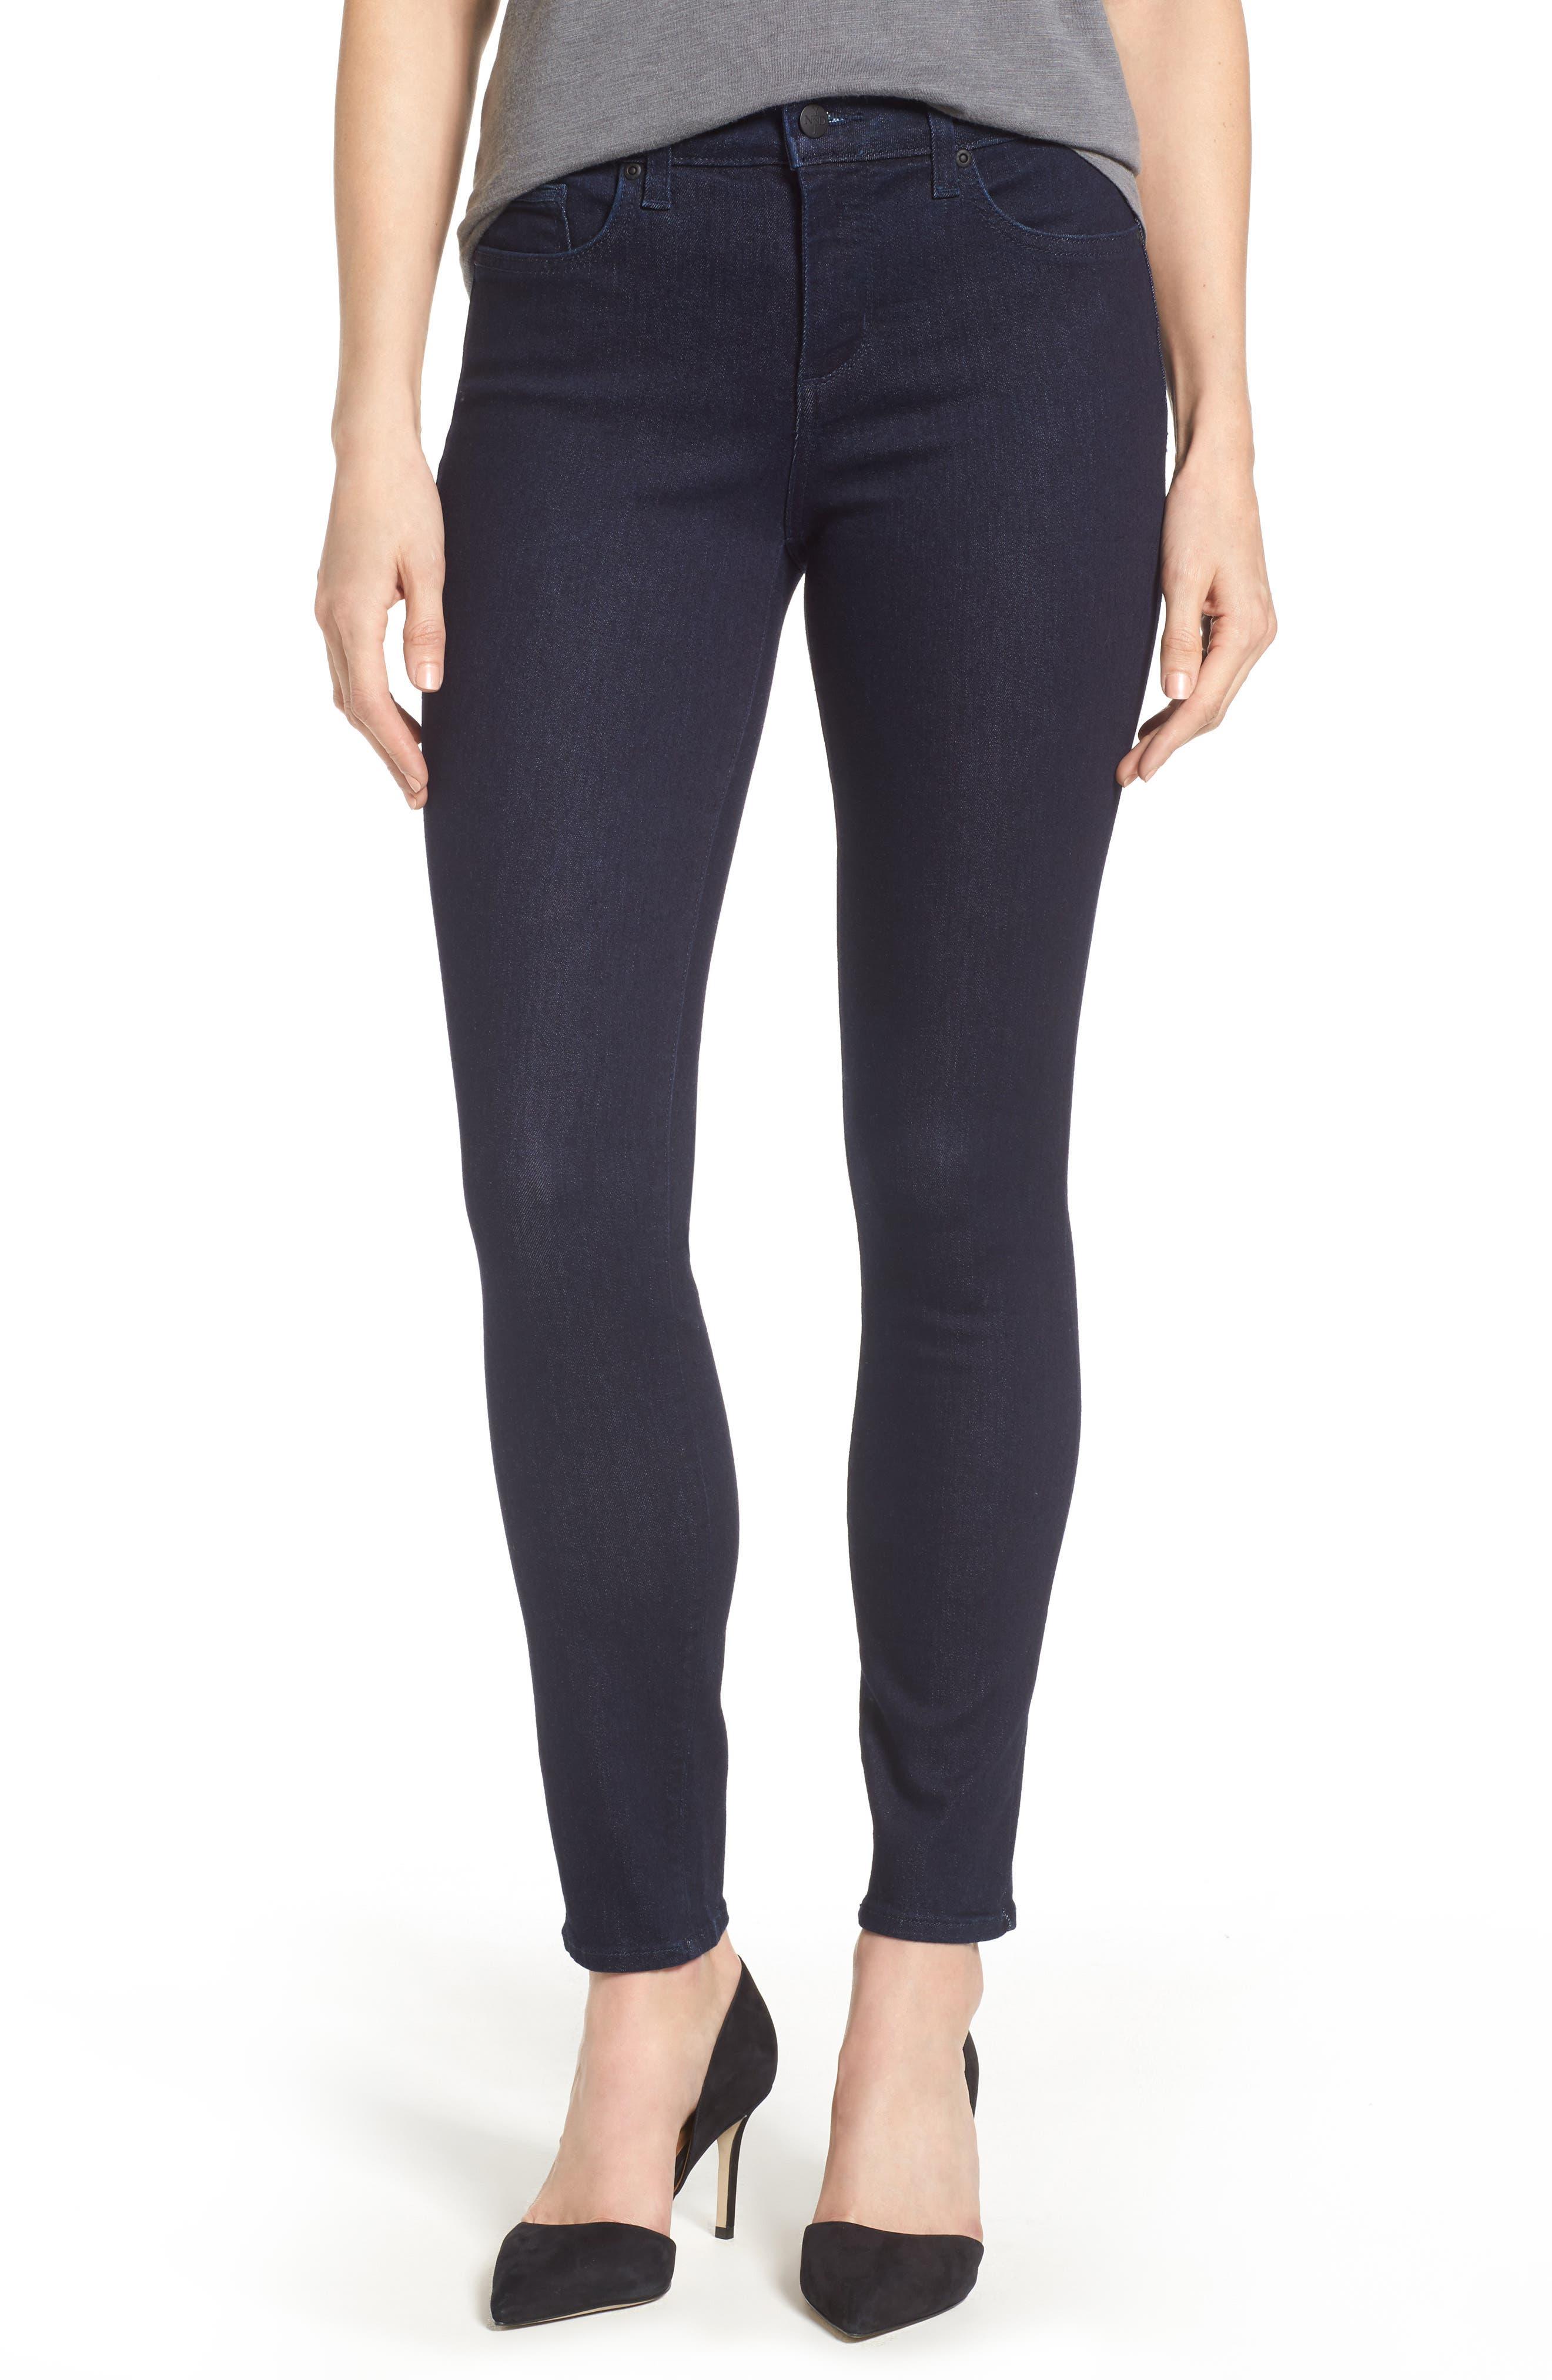 Women's NYDJ Ami High Waist Stretch Skinny Jeans